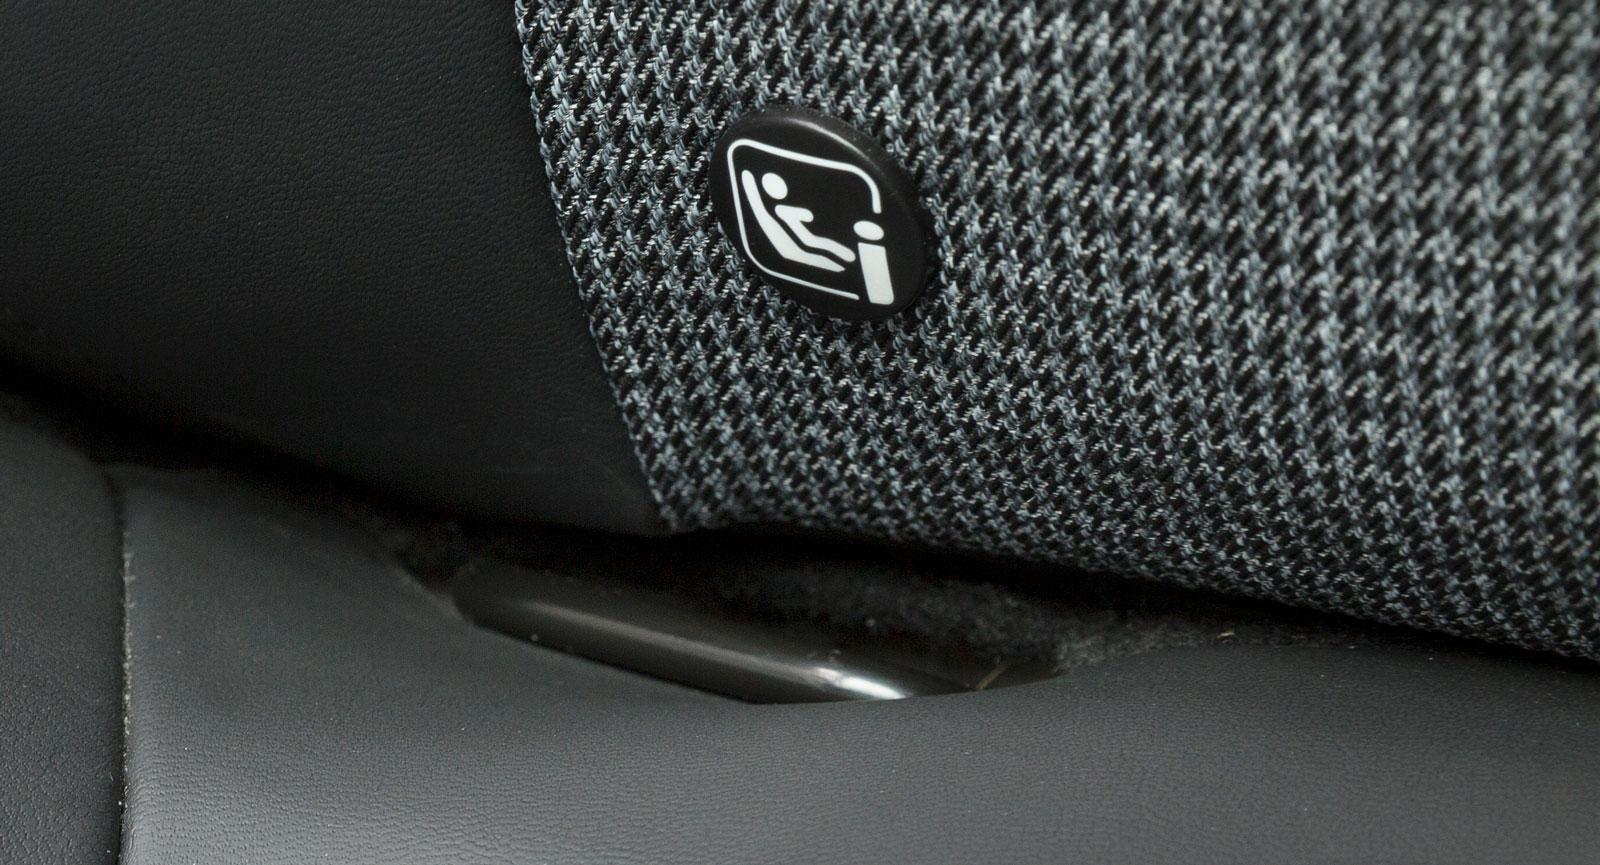 Det är trångt under framstolen i Peugeot 3008 och därmed svårt att fästa barnstolsremmarna. Men 3008 är ensam om Isofix-fästen fram som standard.